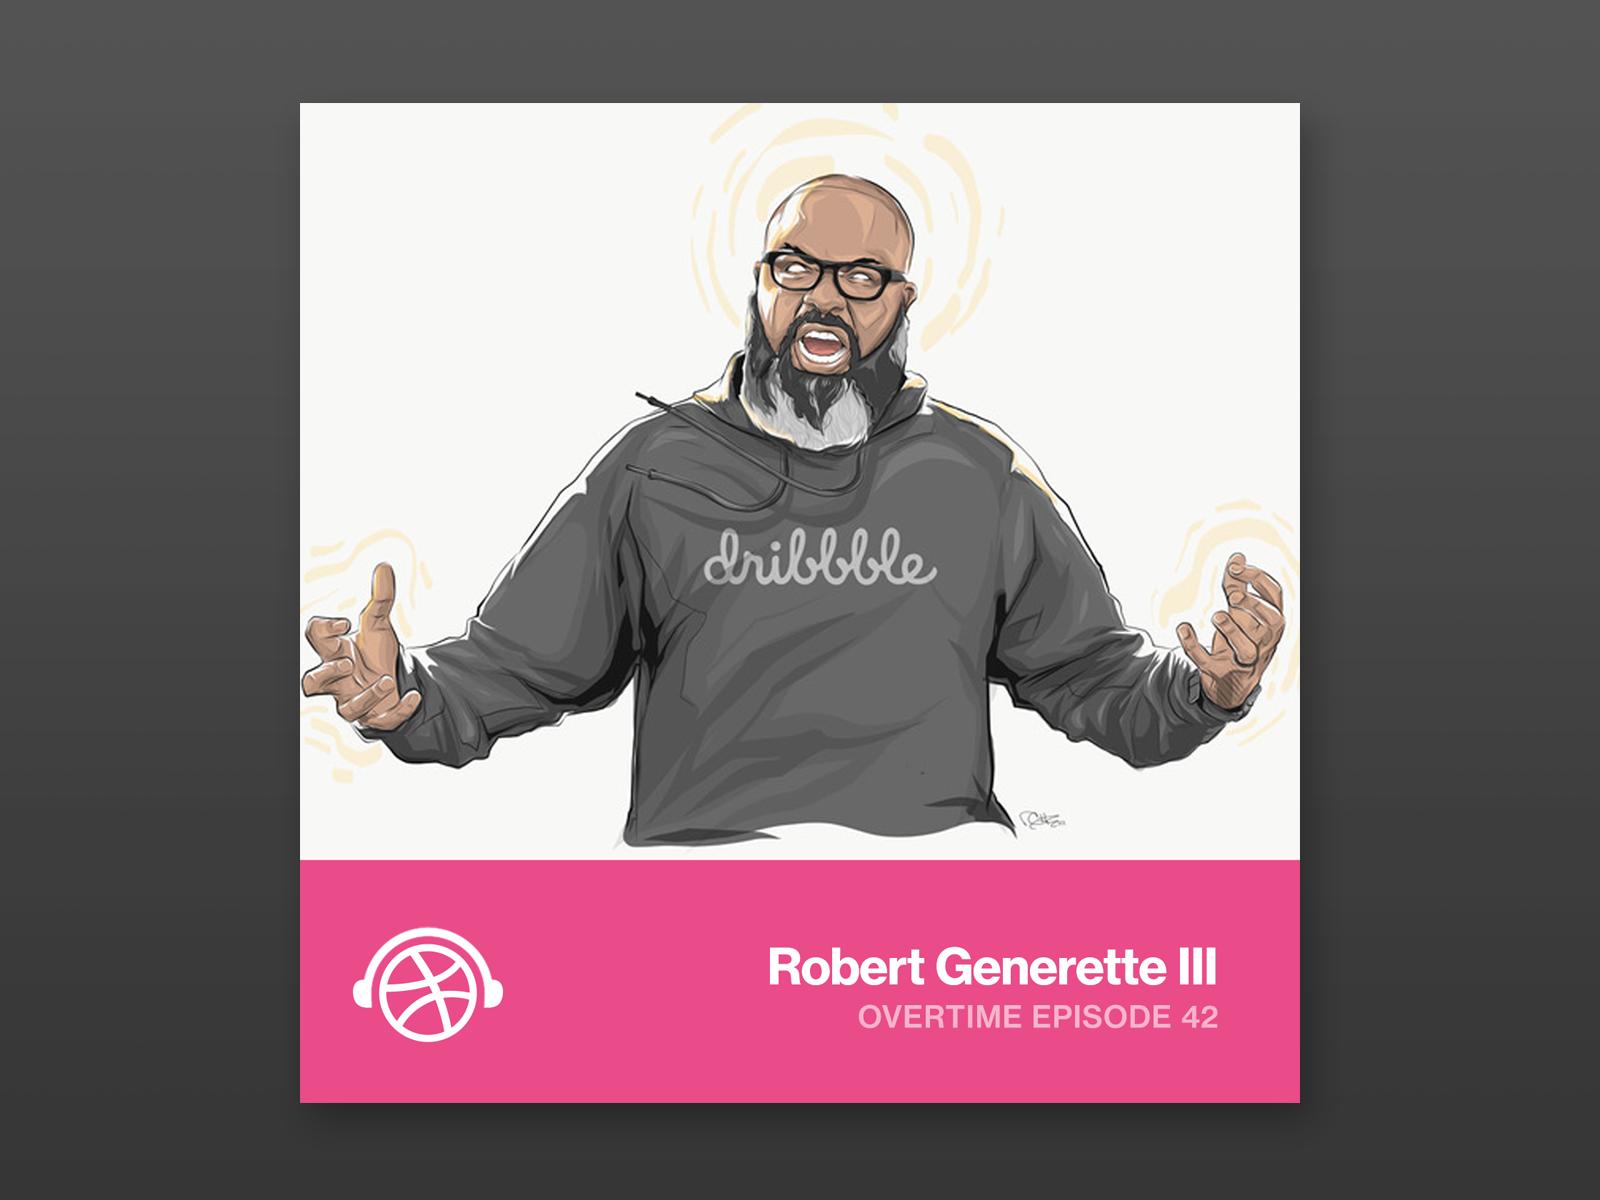 Rob generette iii